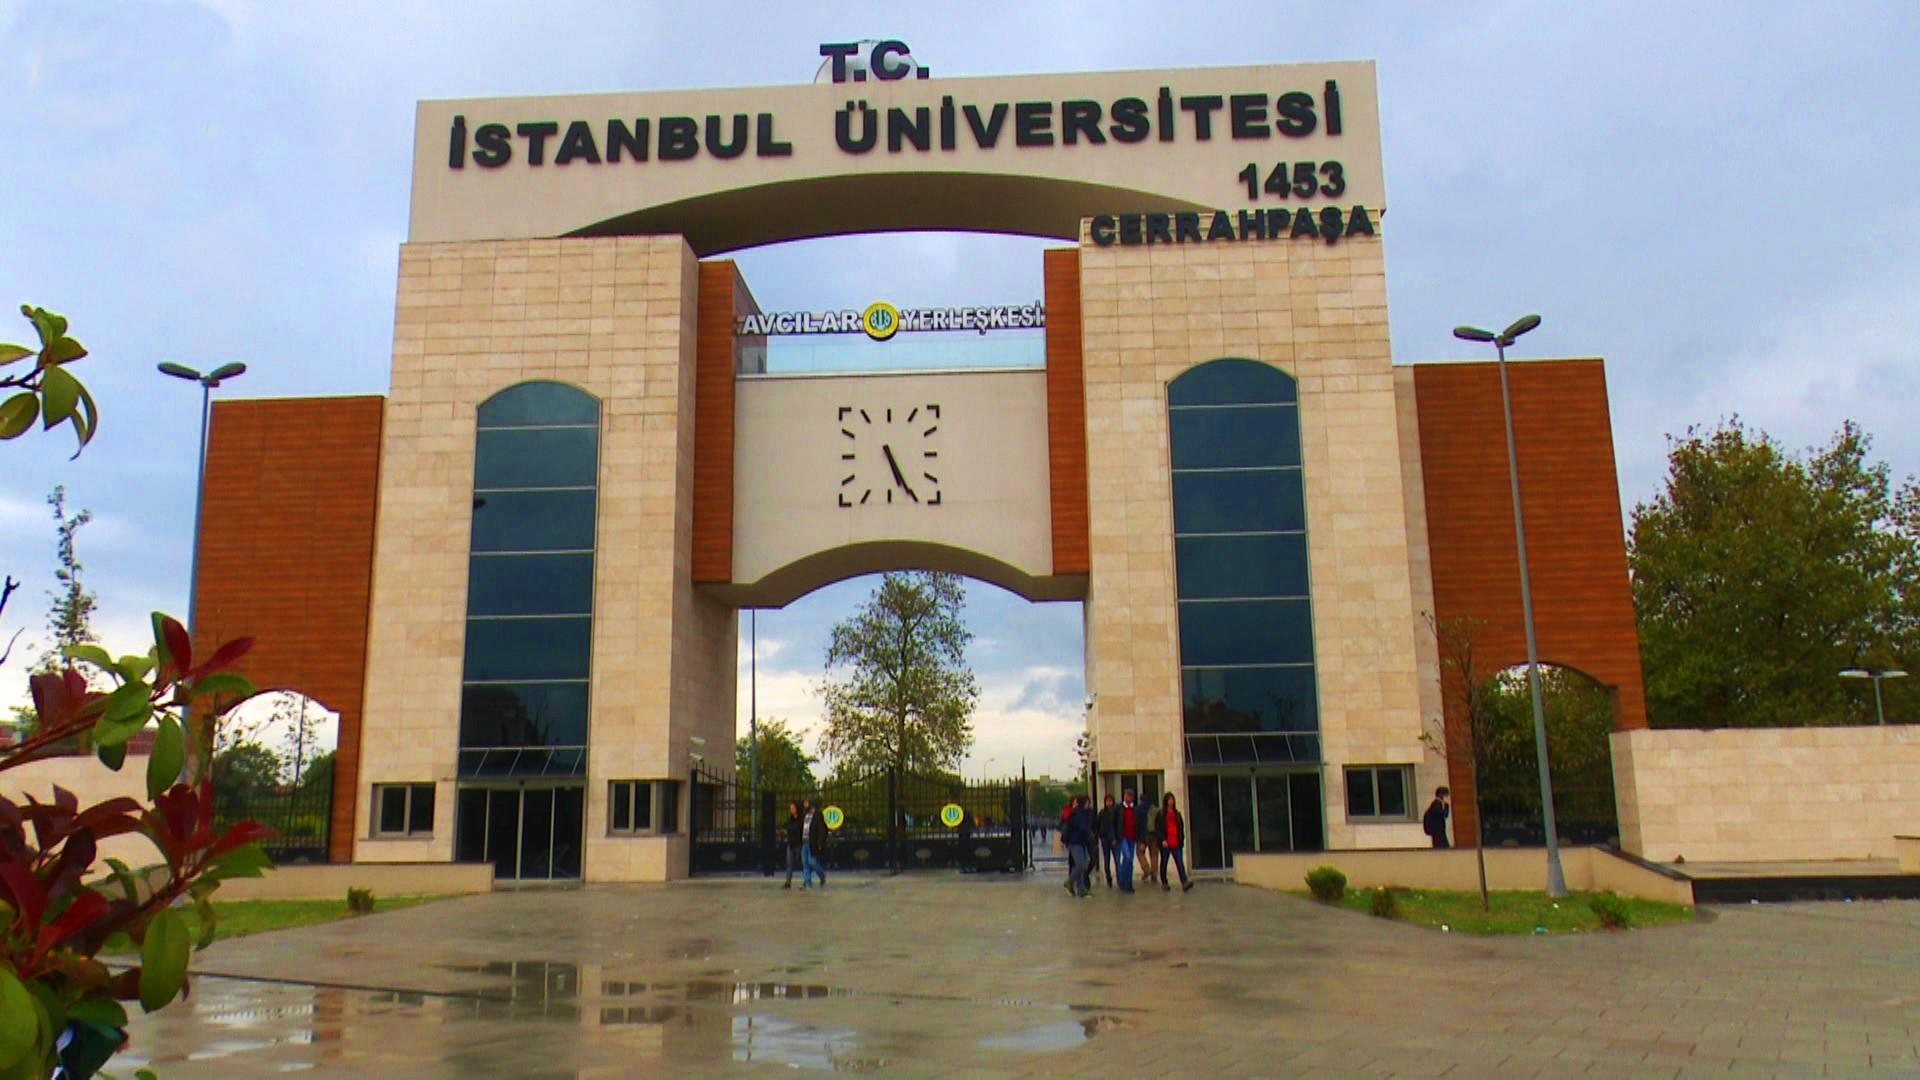 İstanbul Üniversitesi-Cerrahpaşa | LinkedIn